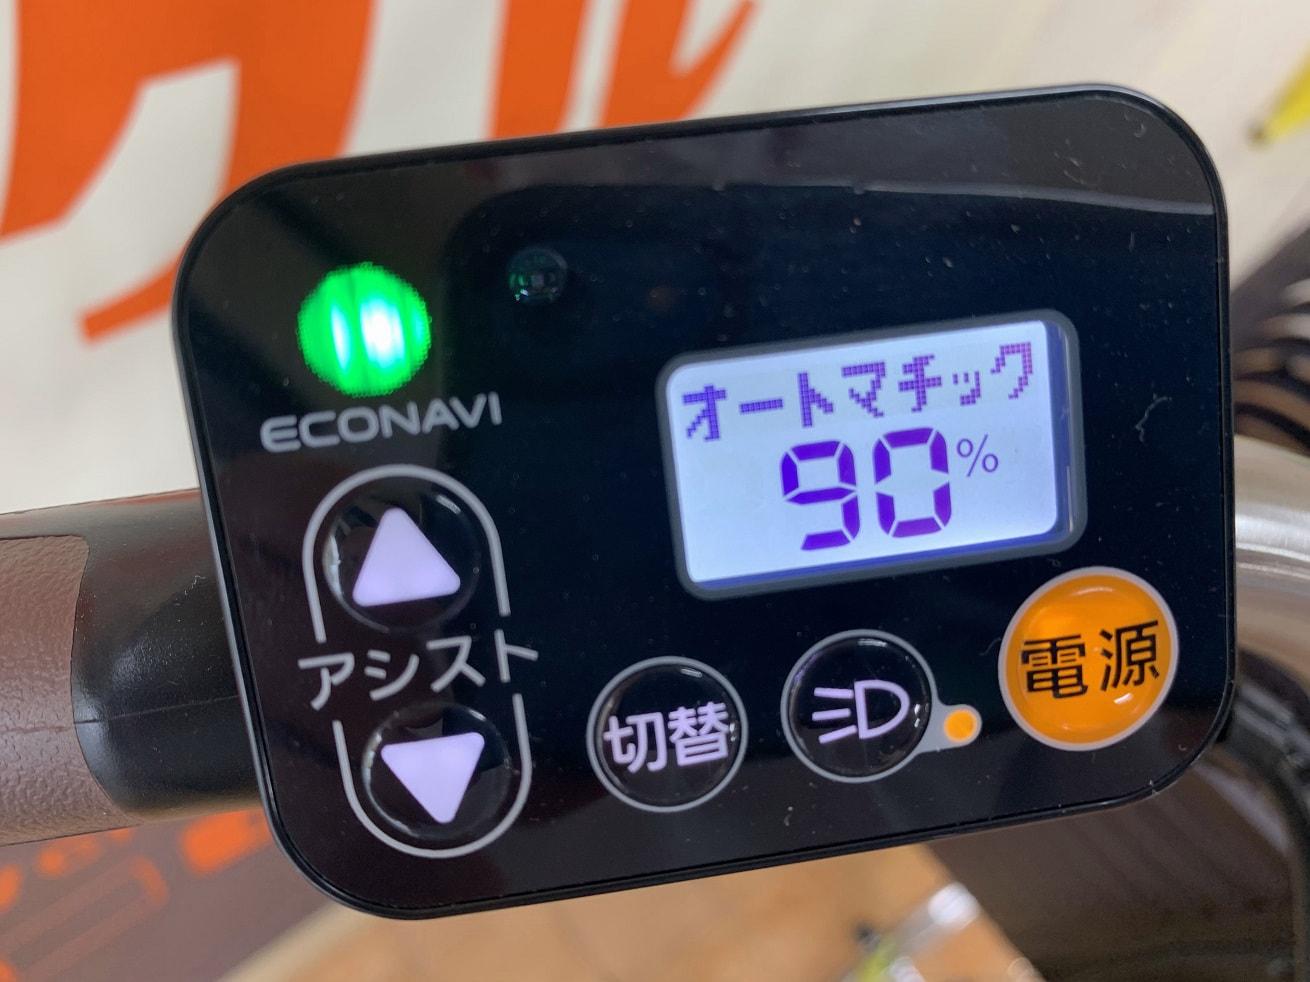 パナソニック電動アシスト自転車ビビDX 手元スイッチ「エコナビ液晶スイッチ4SL」